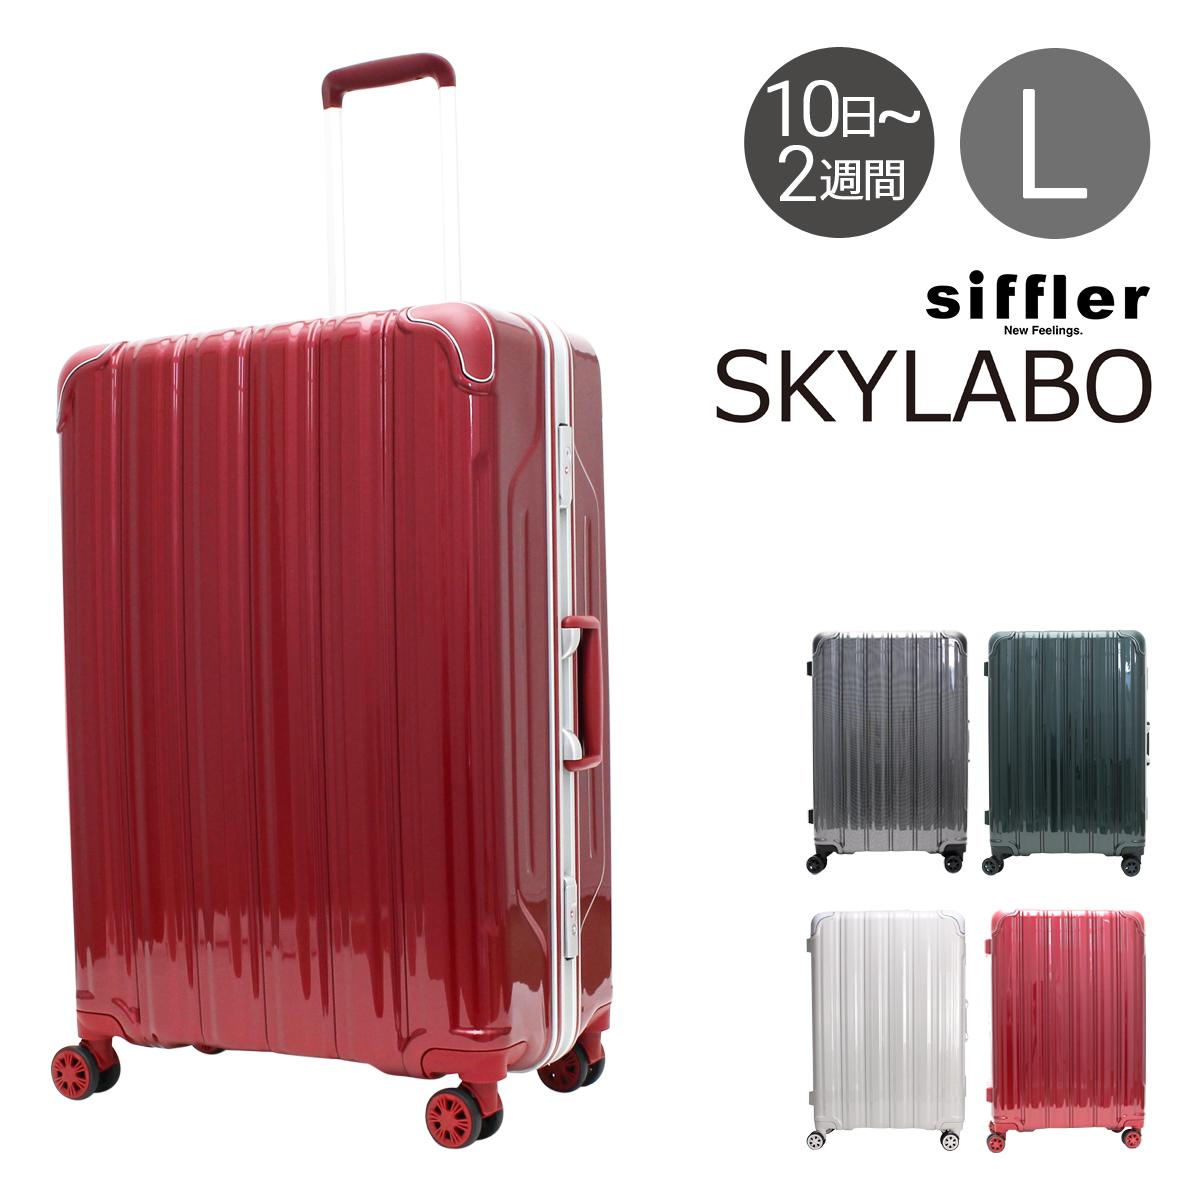 シフレ スーツケース 90L 68cm 5.5kg スカイラボ SKY1124-68|ハード フレーム Siffler|TSAロック搭載 キャリーバッグ キャリーケース[PO10][bef]